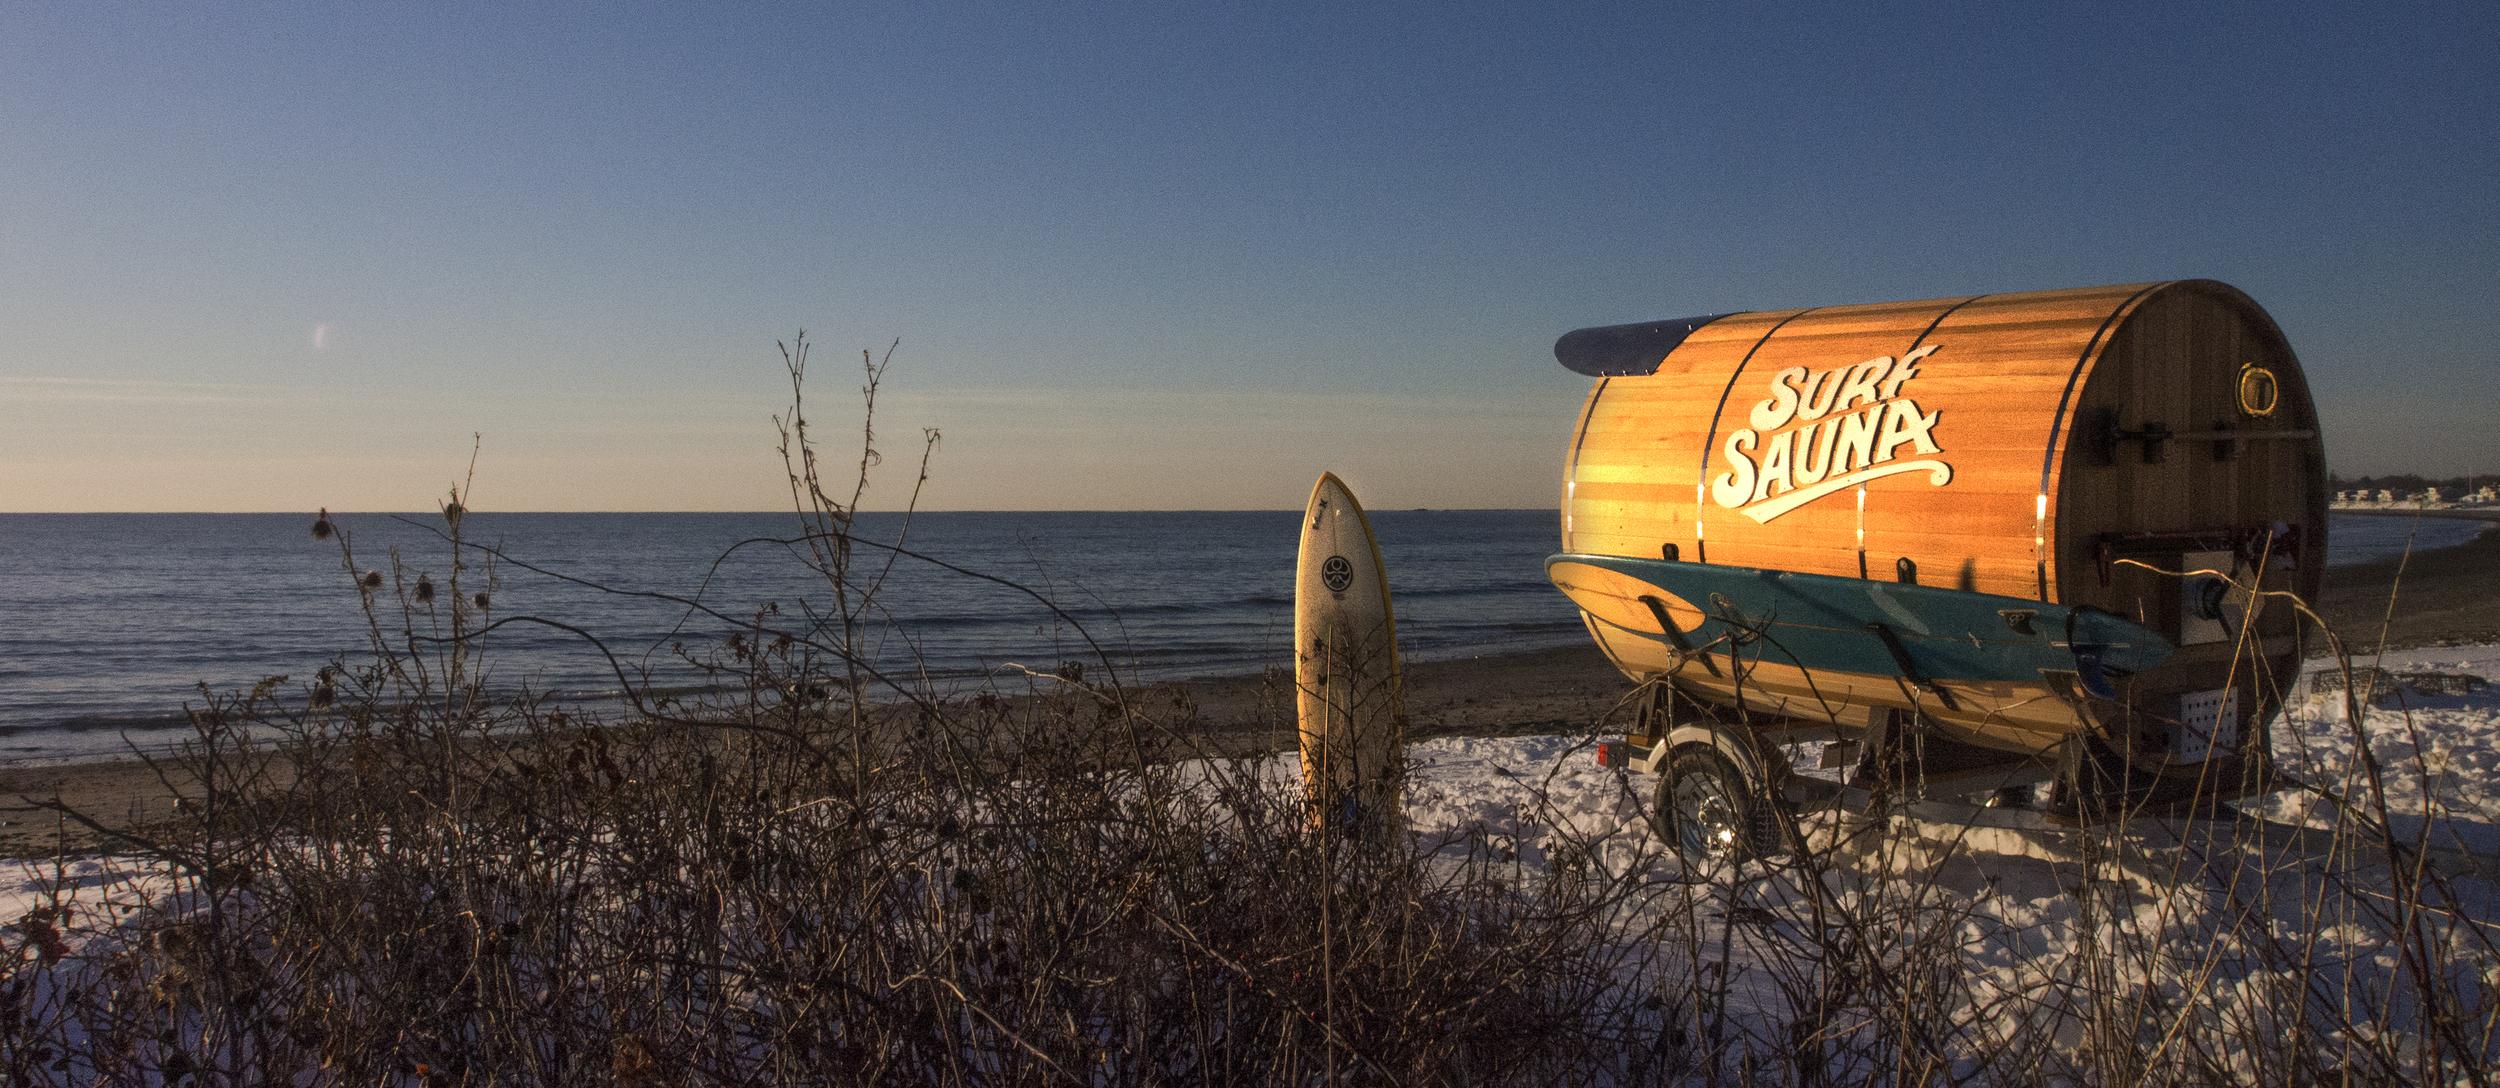 SurfSauna8.jpg